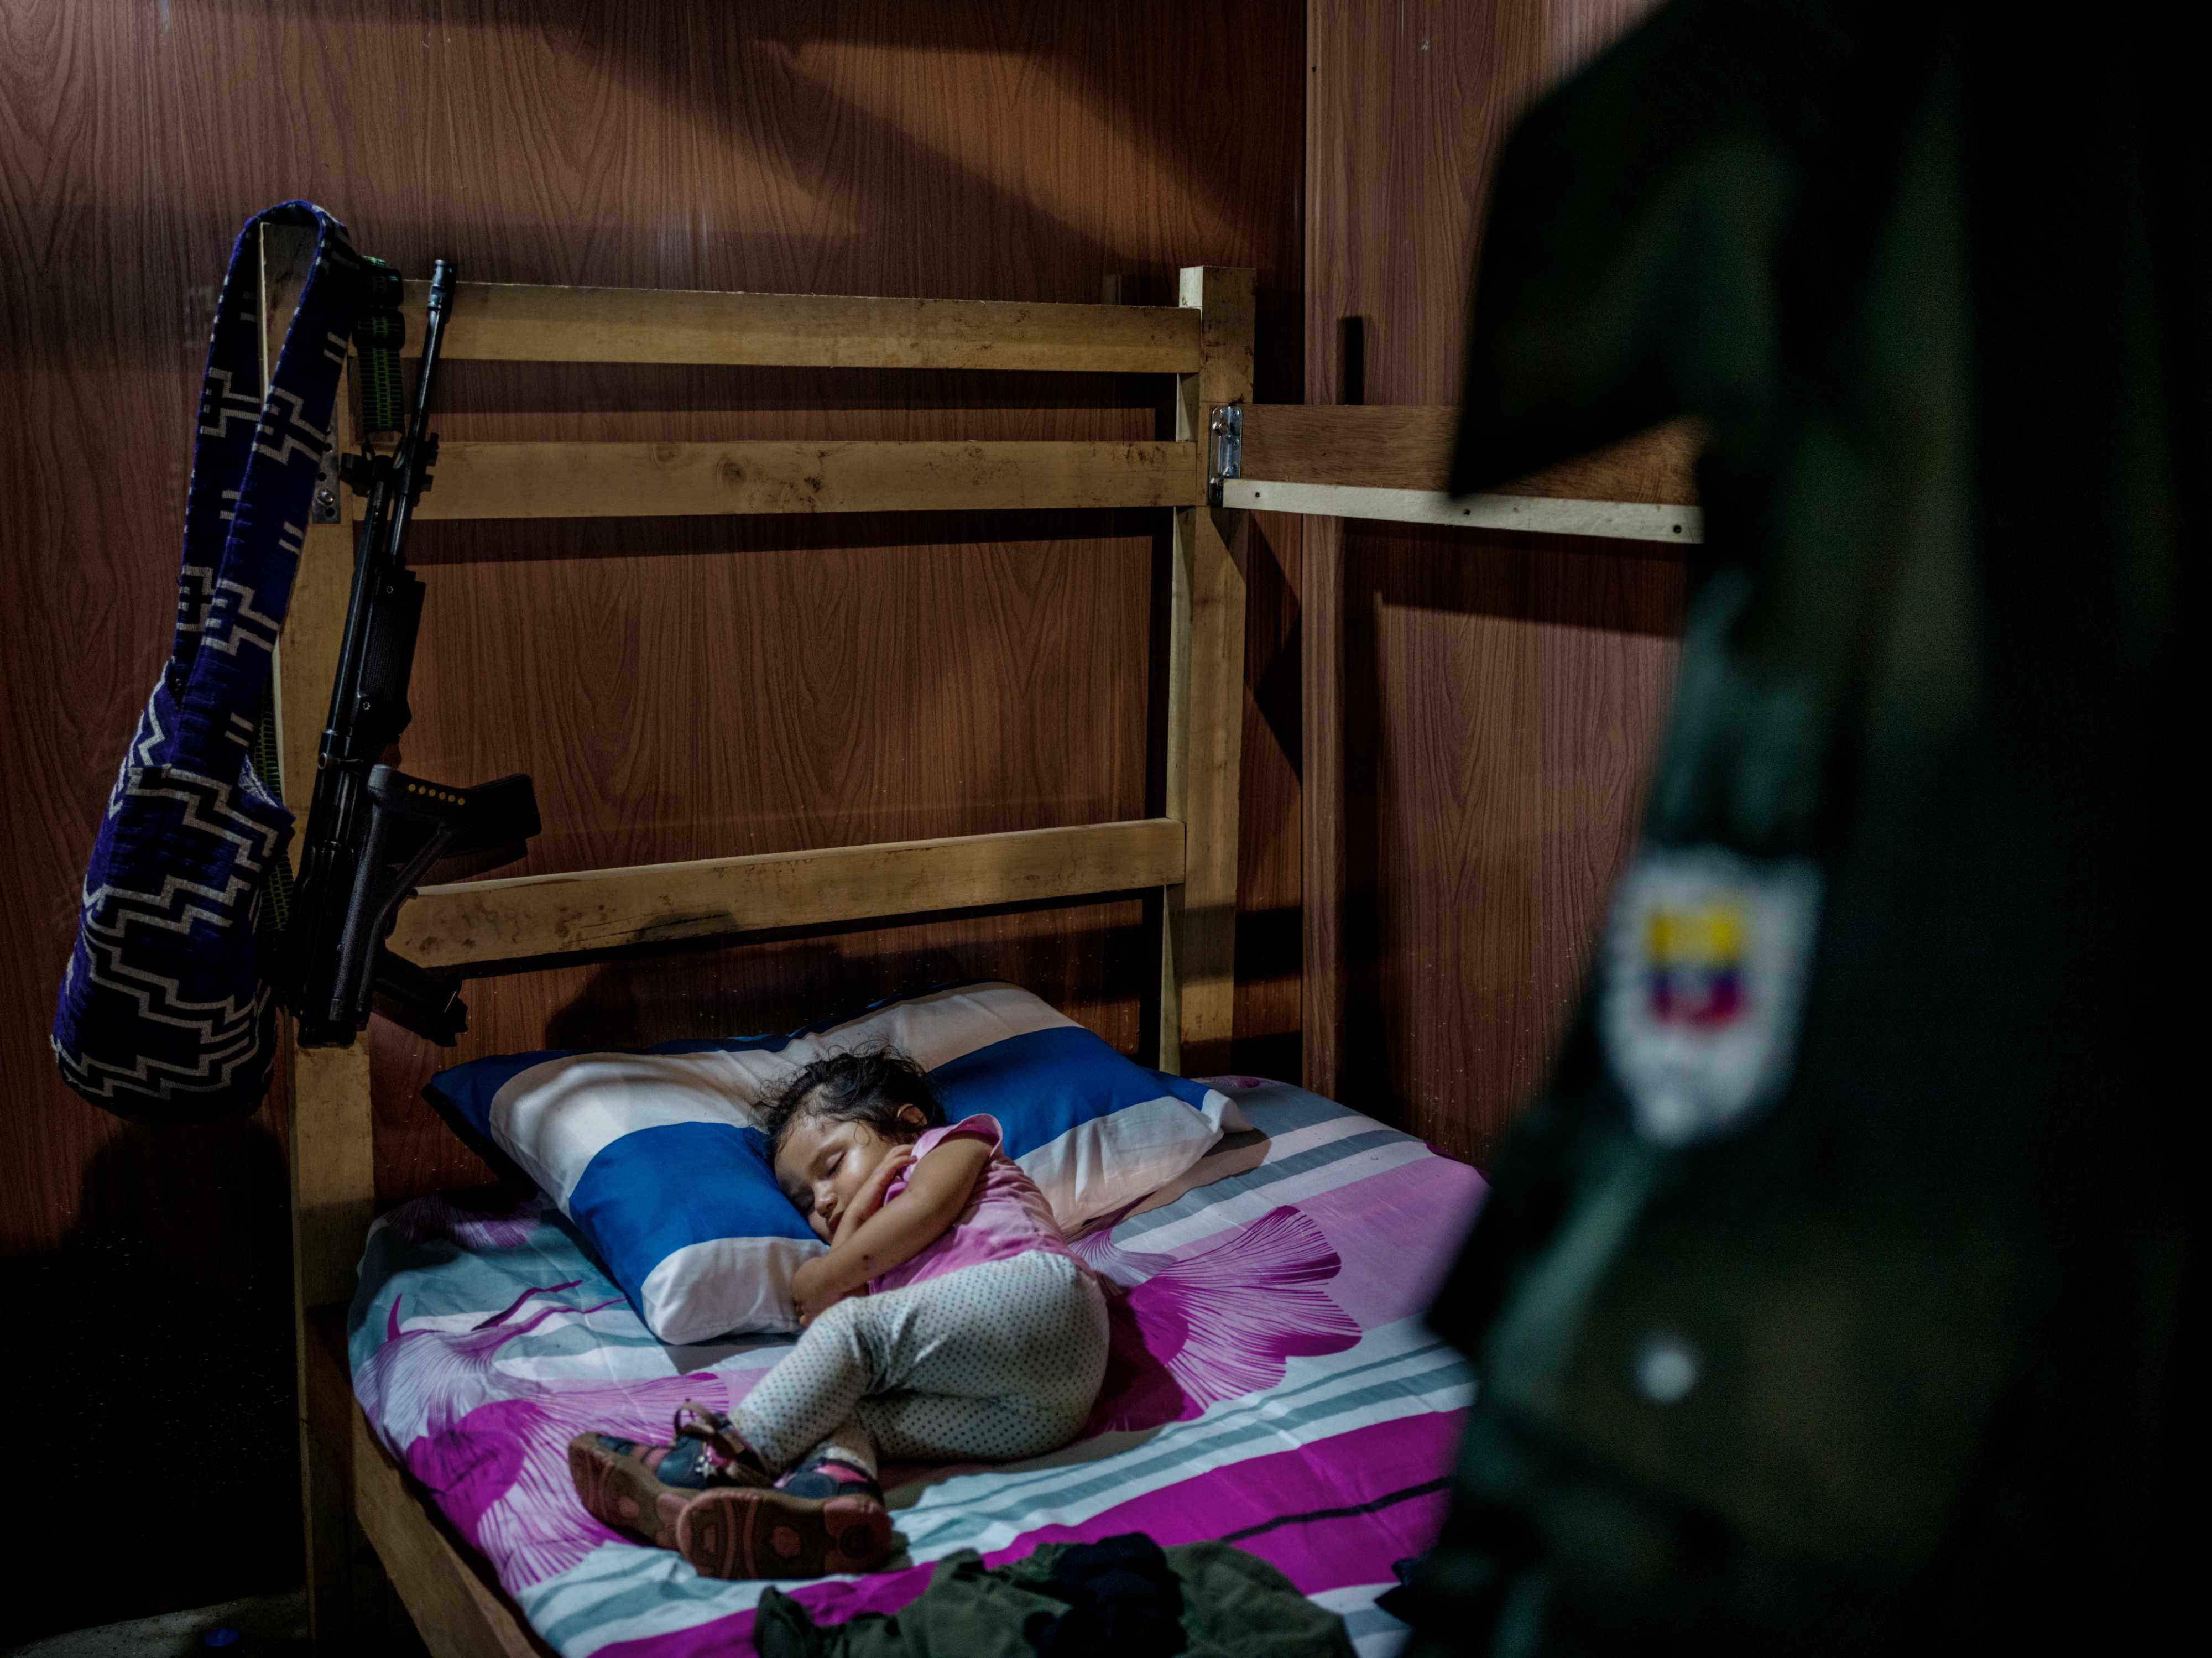 Hope Over Fear - Colombia's Struggle For Peace Mads Nissen © Mads Nissen/ Politiken/ Prospekt for The Nobel Peace Center